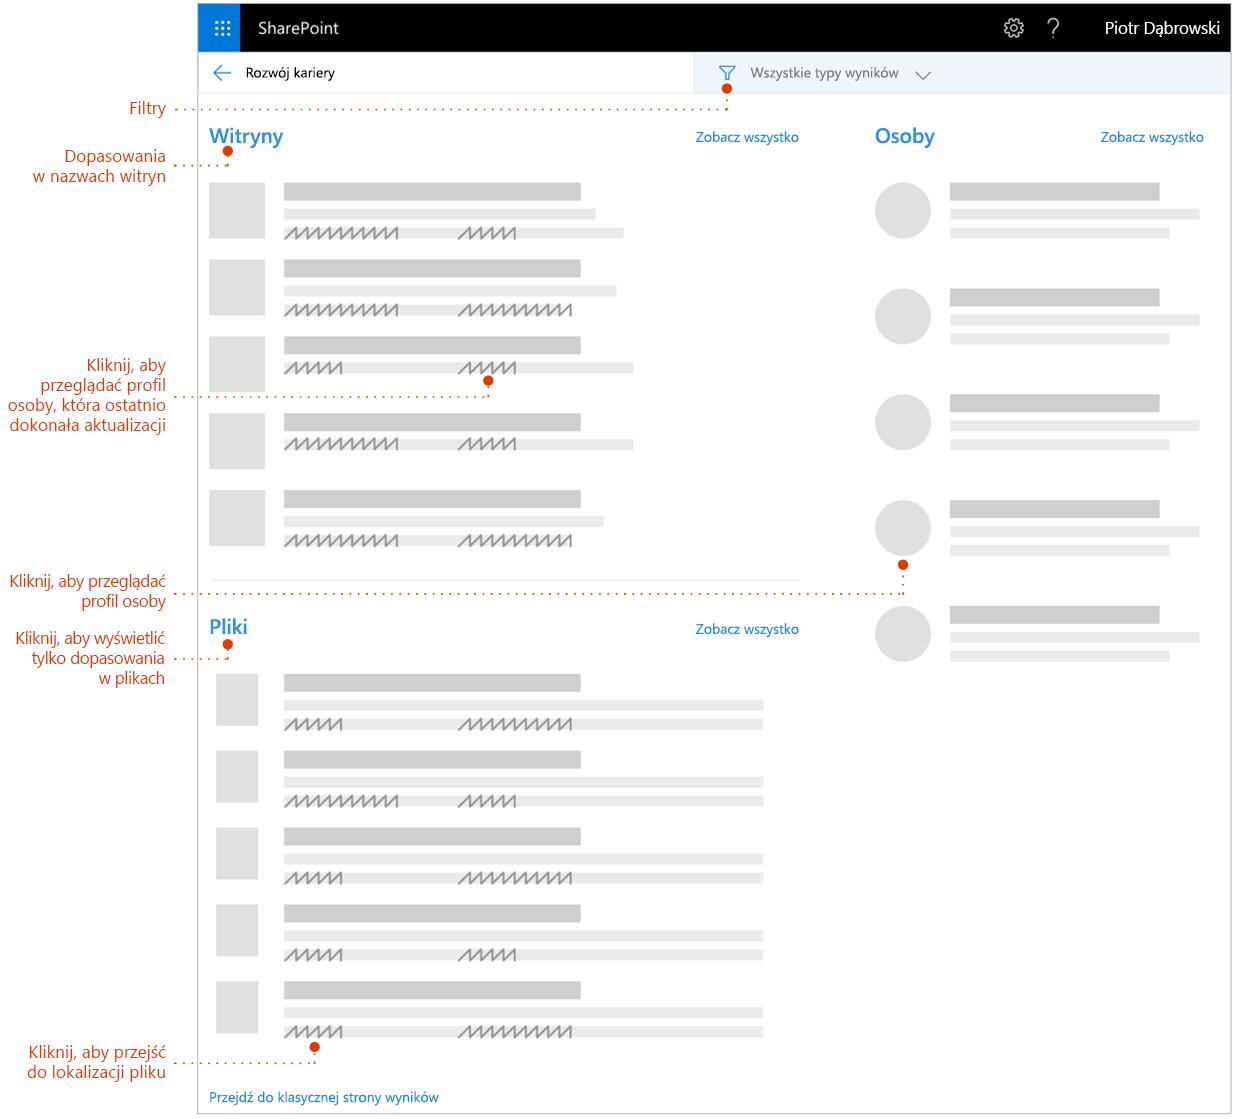 Zrzut ekranu przedstawiający wyszukiwanie wyniki strona zawierająca łącza do elementów Eksplorowanie.